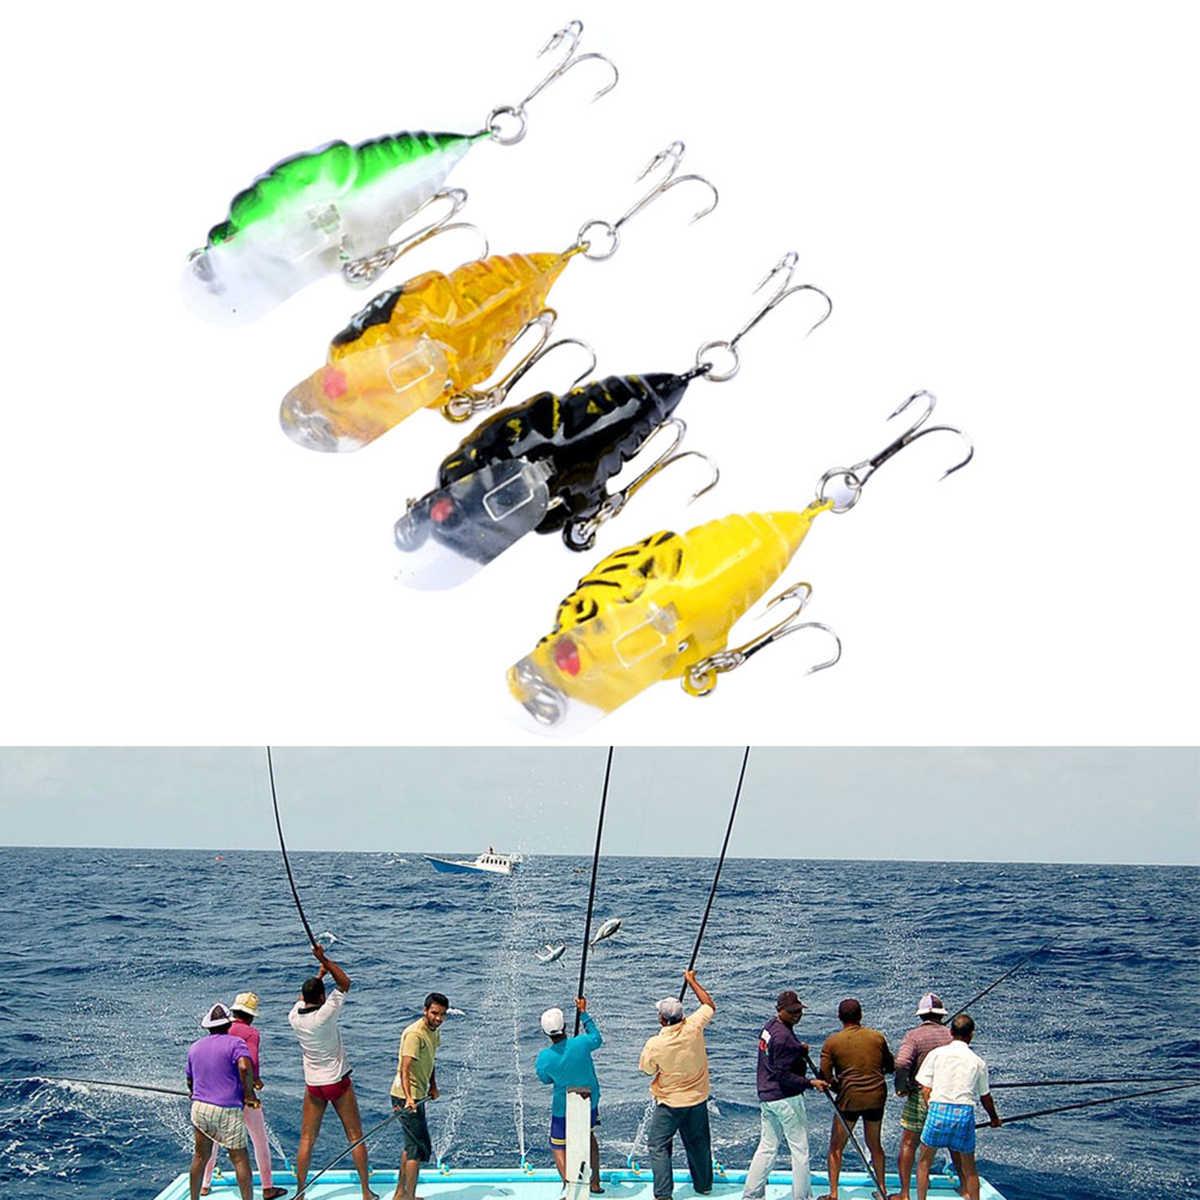 4 шт Окрашенные Пластиковые насекомые шаблон наживки рыболовные блесны окрашенные серии бионические приманки из твердого пластика жизни-как Swimbait